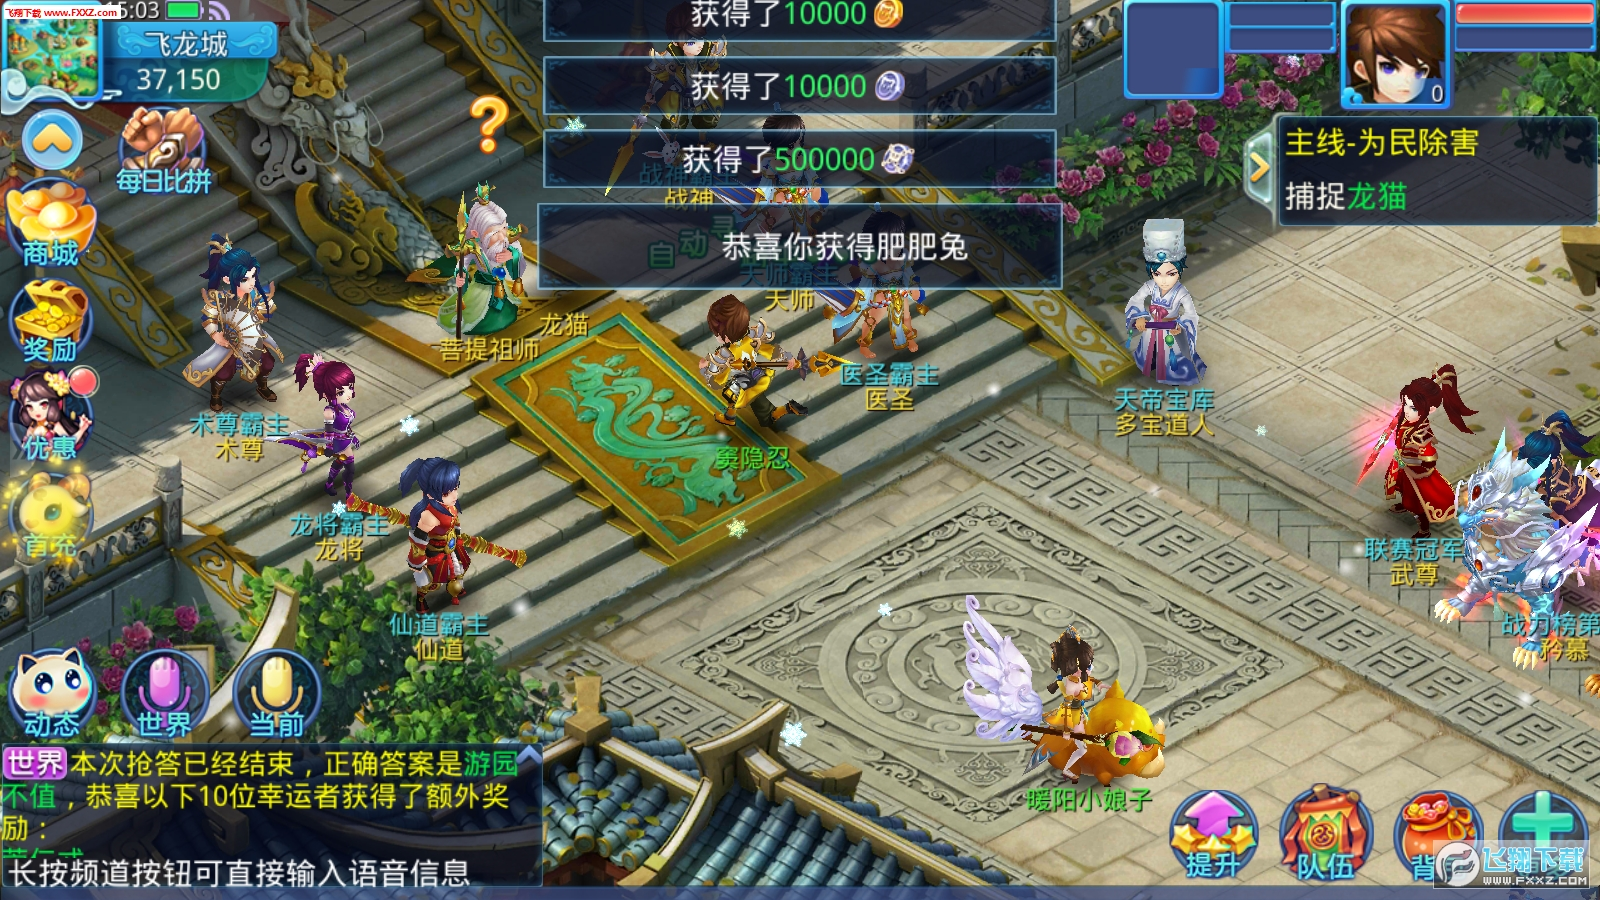 仙语奇缘星耀版1.0截图2